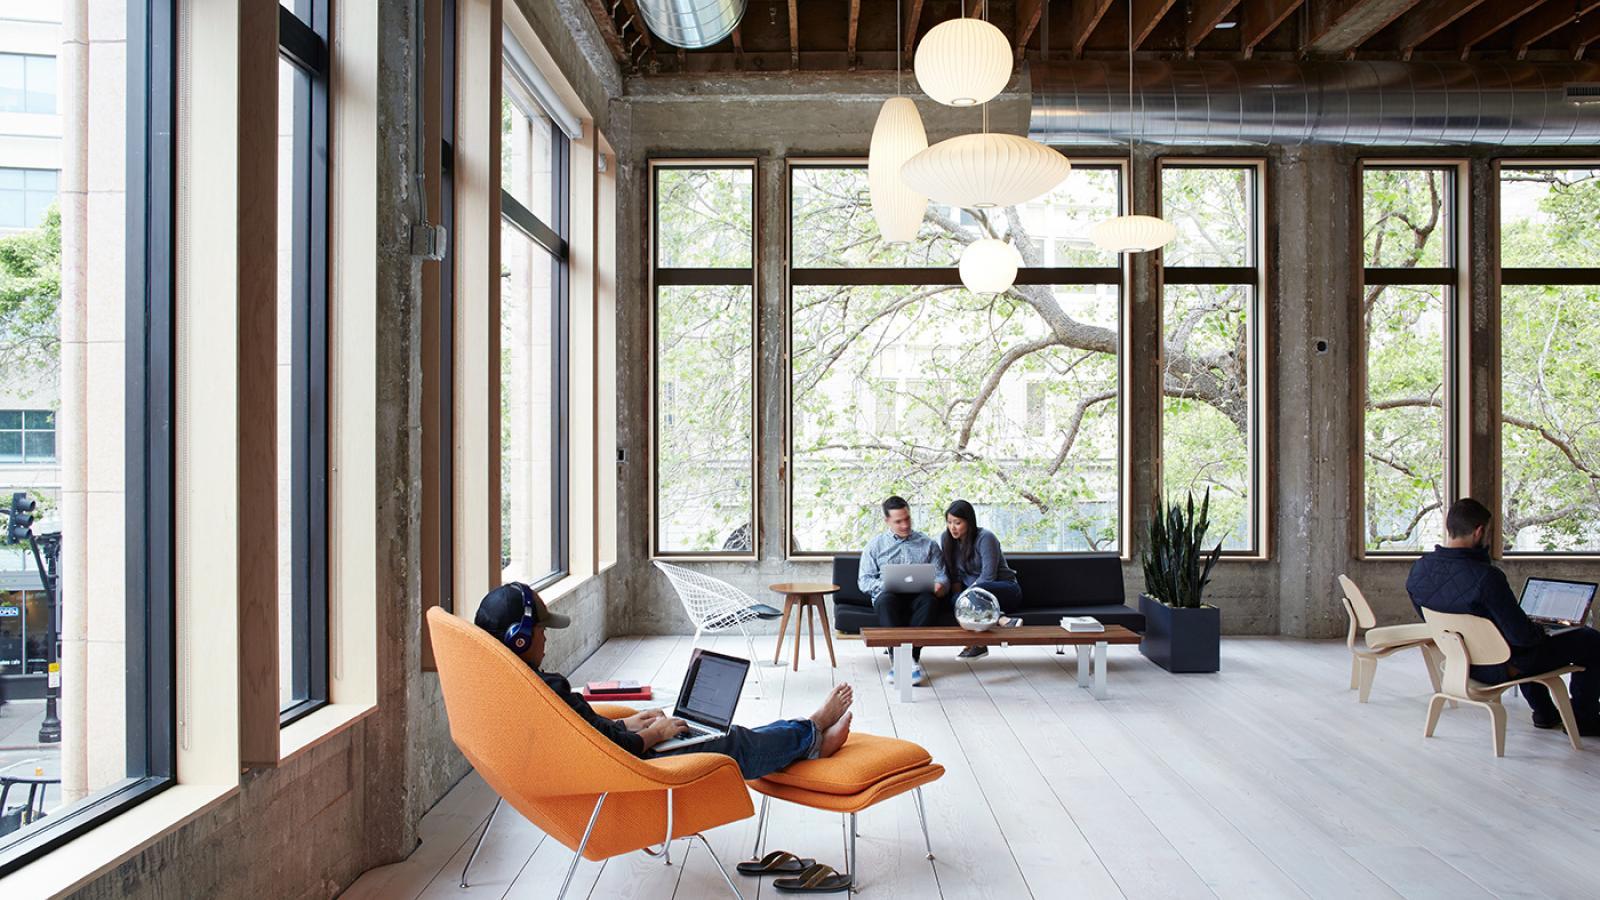 Inside The Offices Of VSCO Oakland